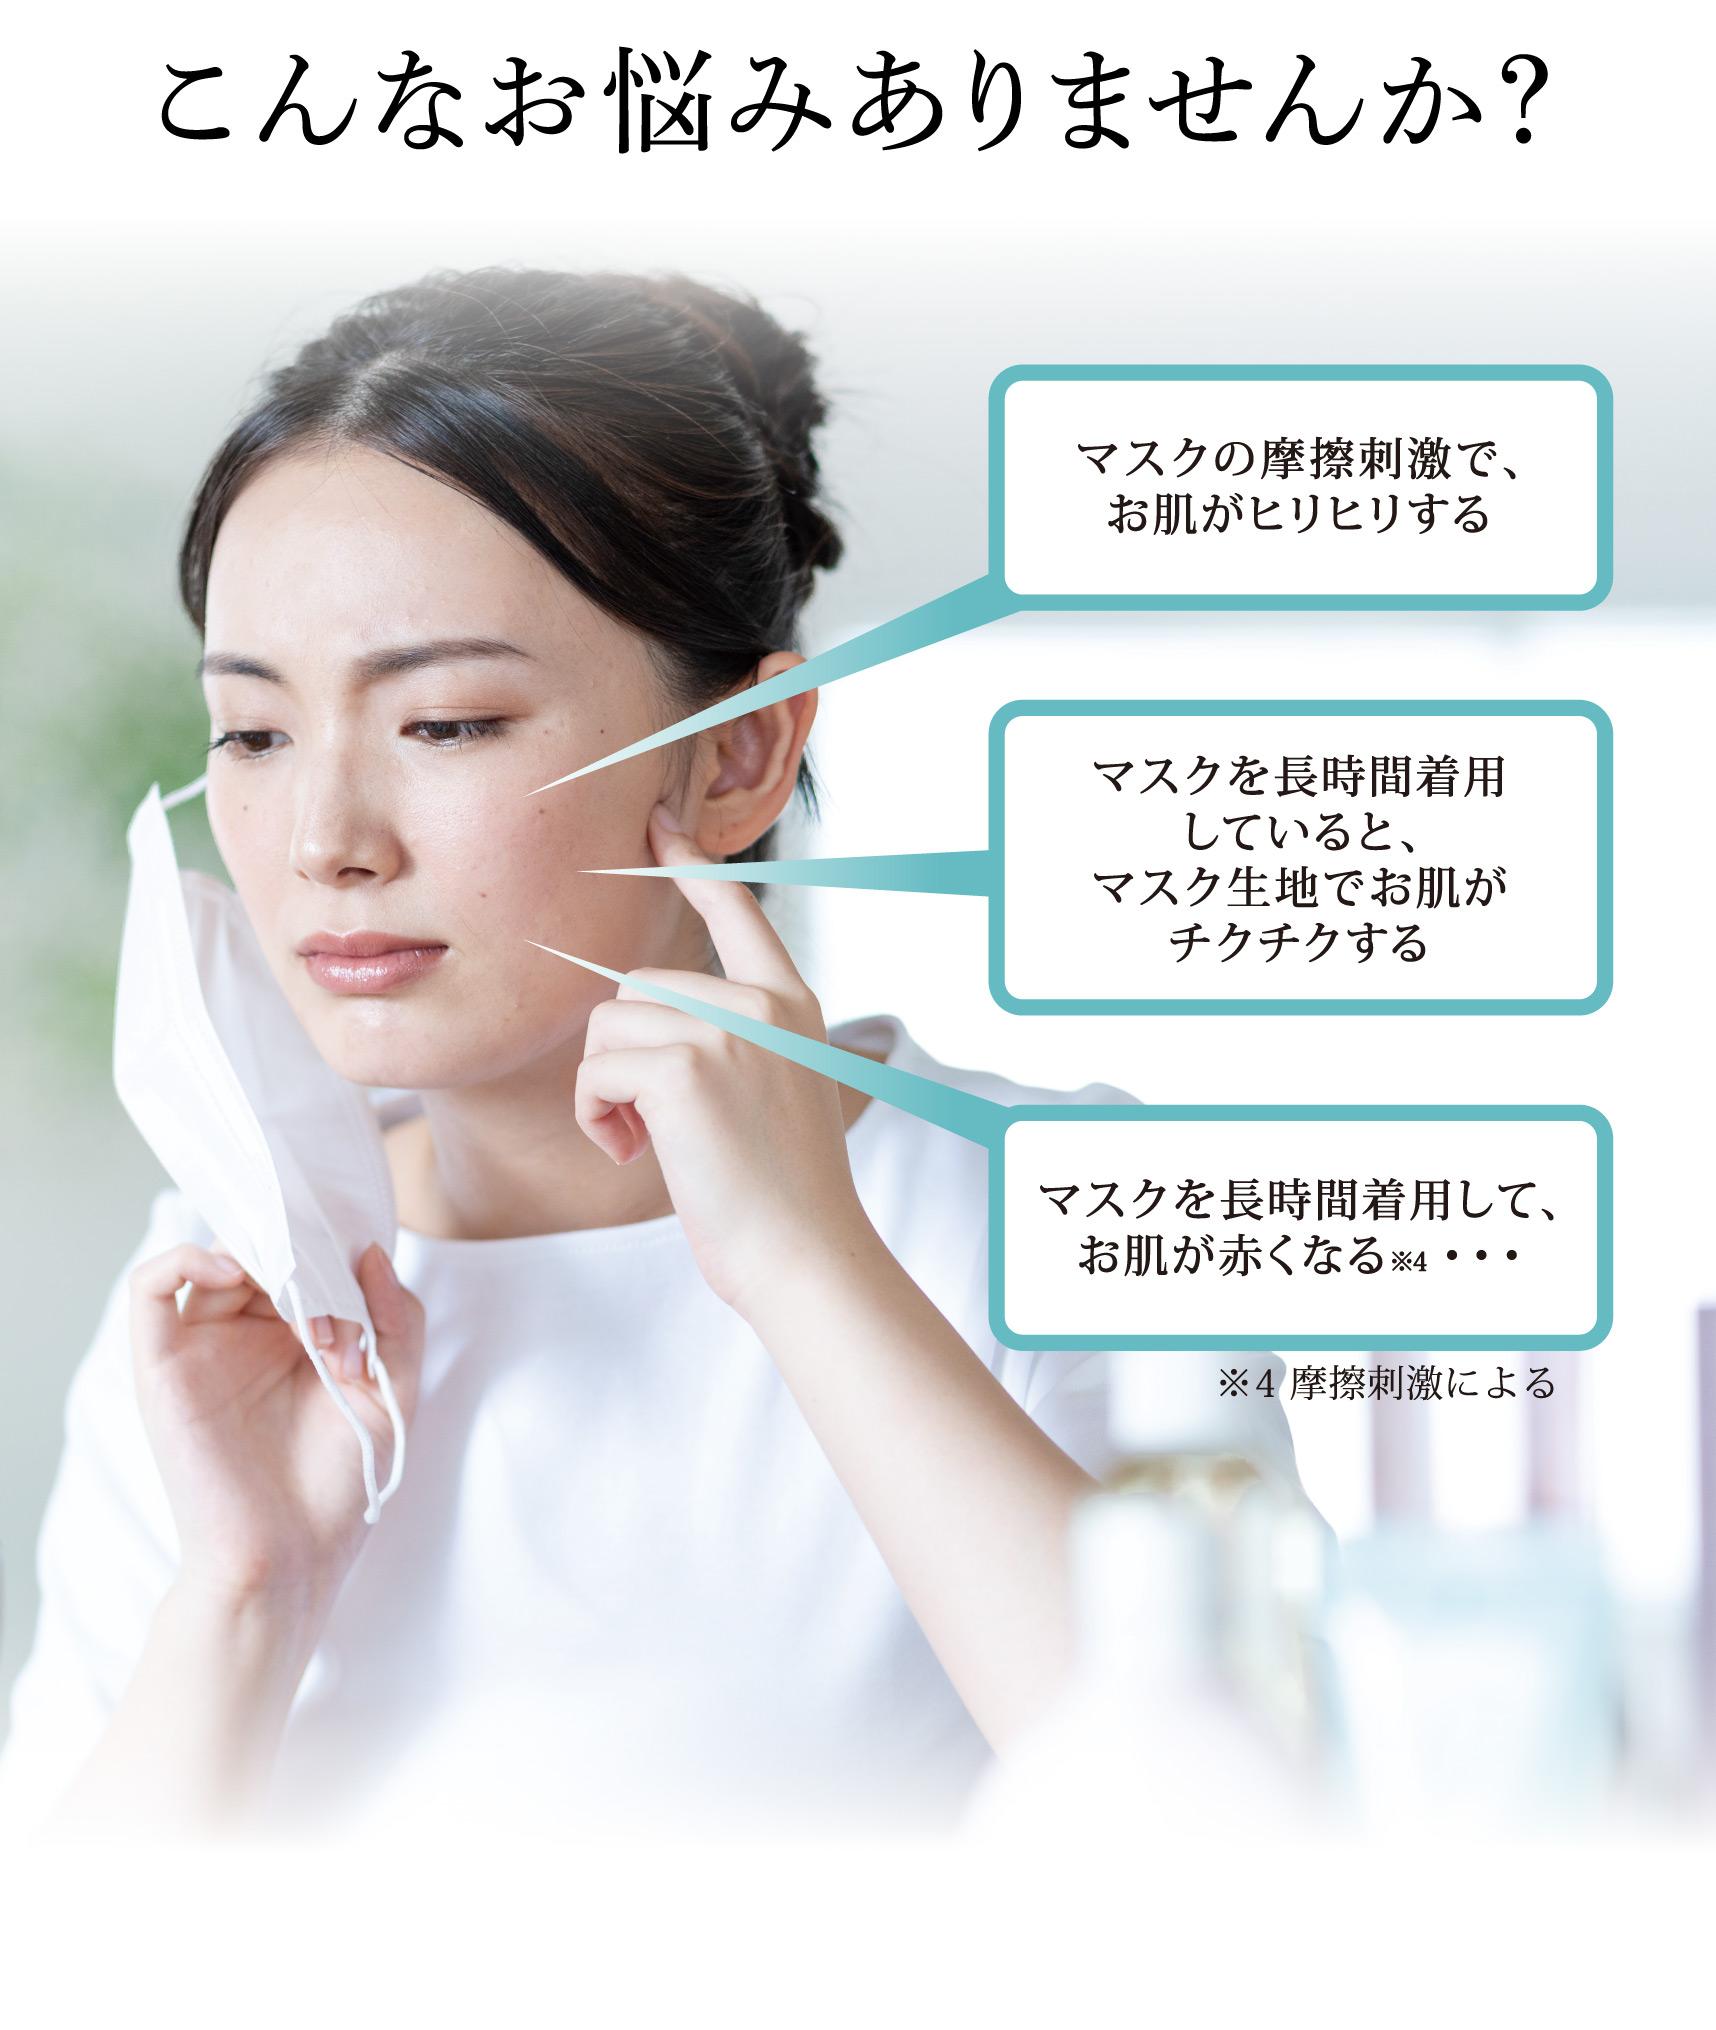 こんなお悩みありませんか? マスクの摩擦刺激で、お肌がヒリヒリする マスクを長時間着用していると、マスク生地でお肌がチクチクする マスクを長時間着用して、お肌が赤くなる※4・・・ ※4 摩擦刺激による